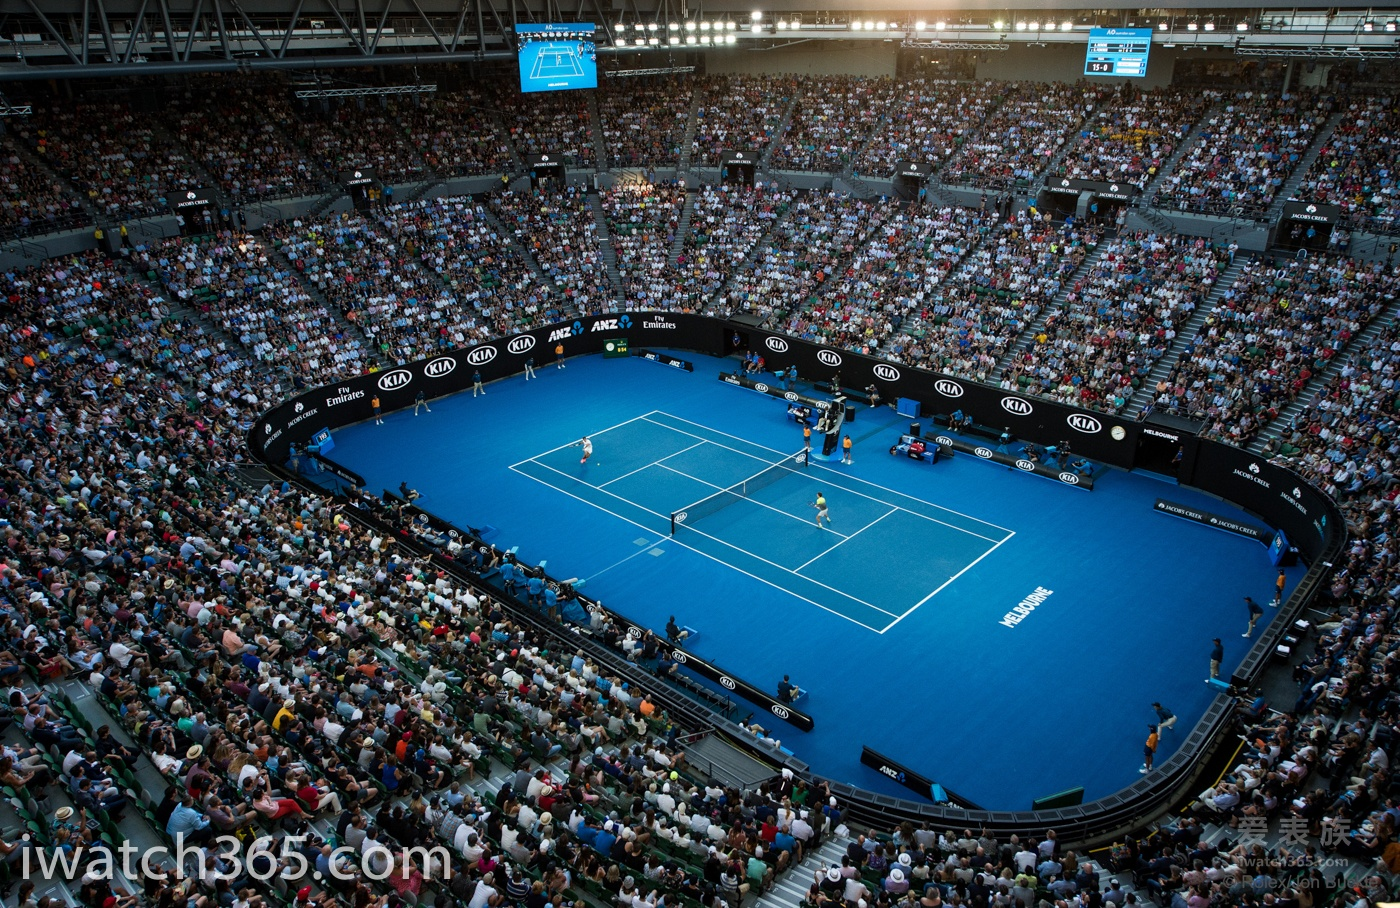 2018年澳大利亚网球公开赛已于1月15日正式开赛